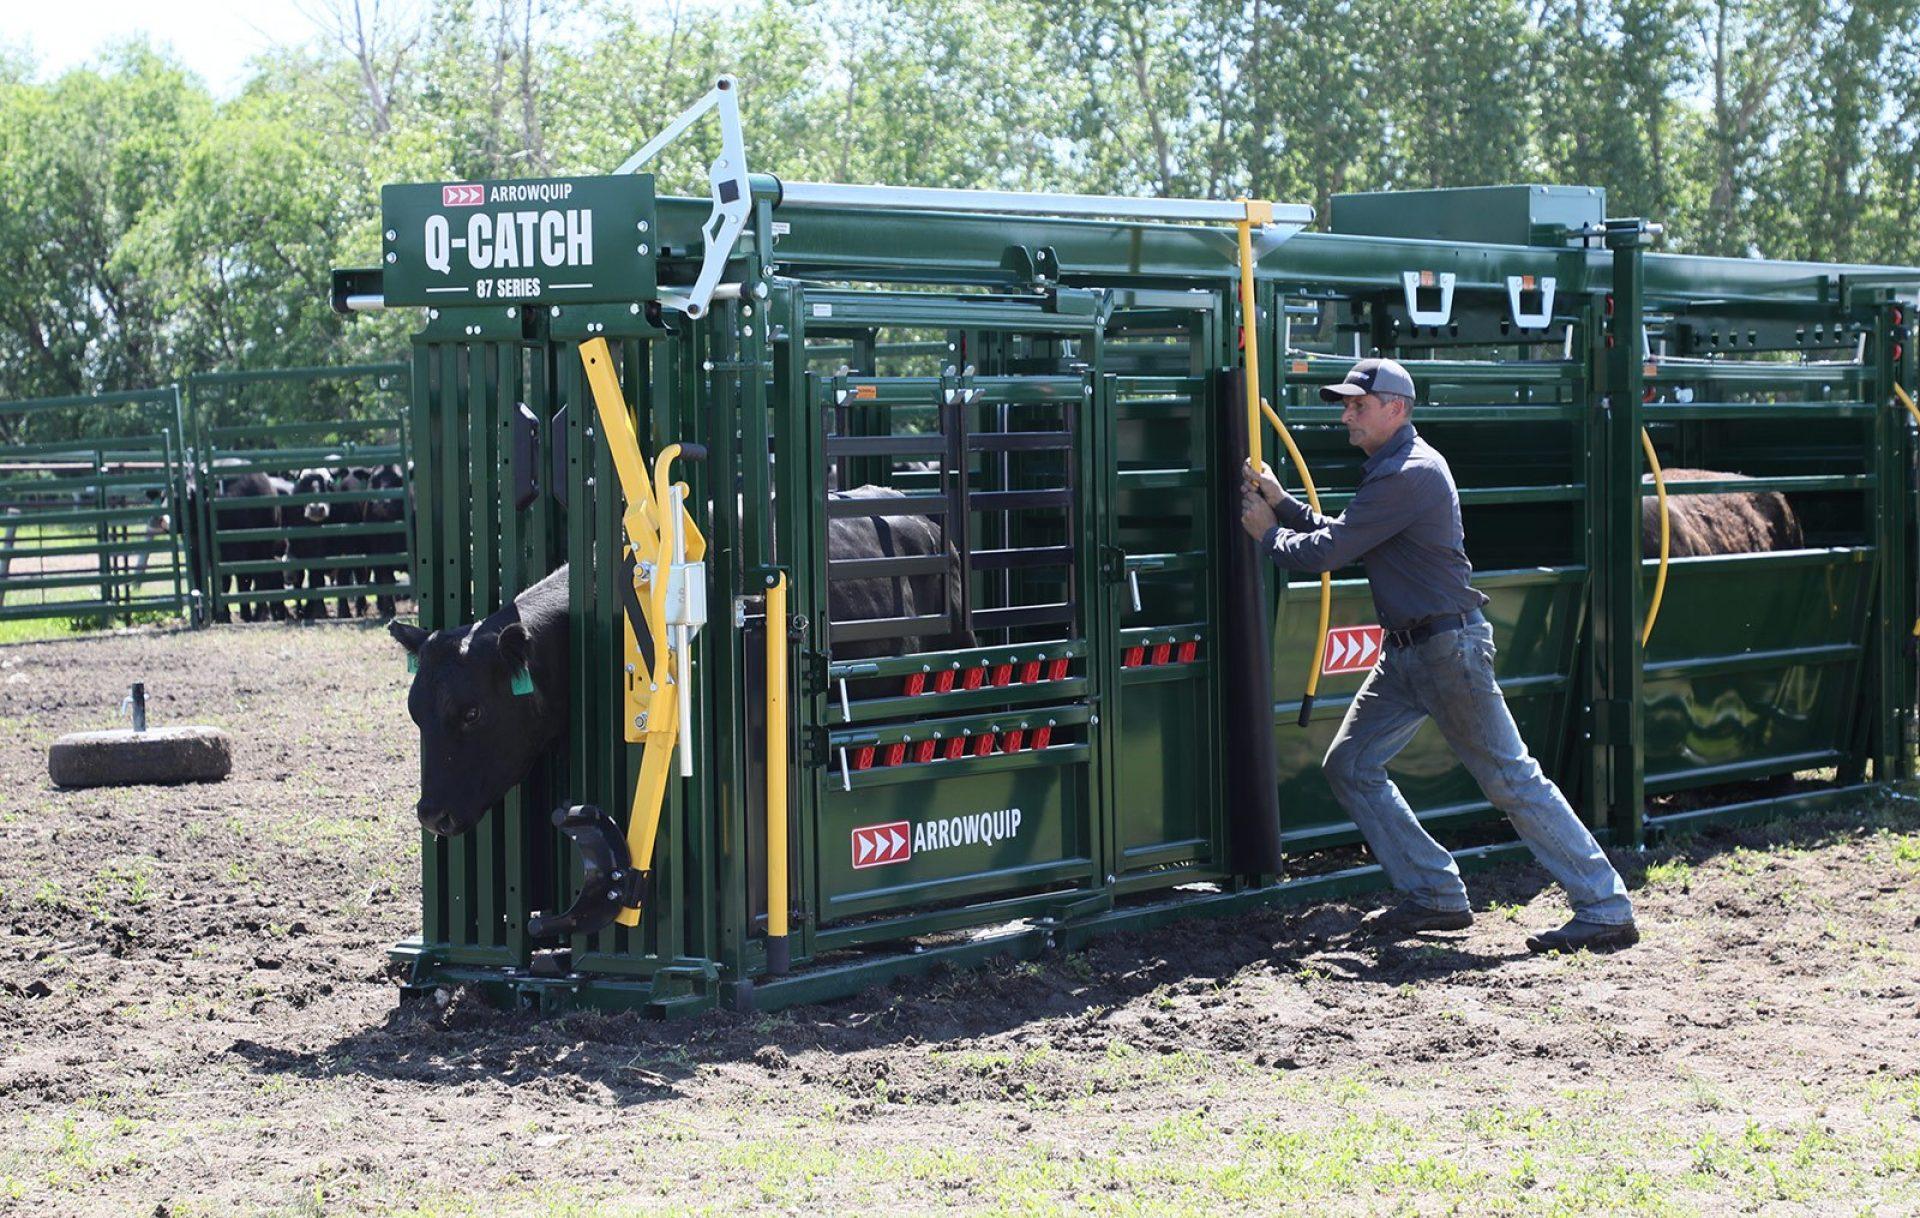 Proper Cattle Head Catch location in Q-Catch 87 Series portable cattle chute